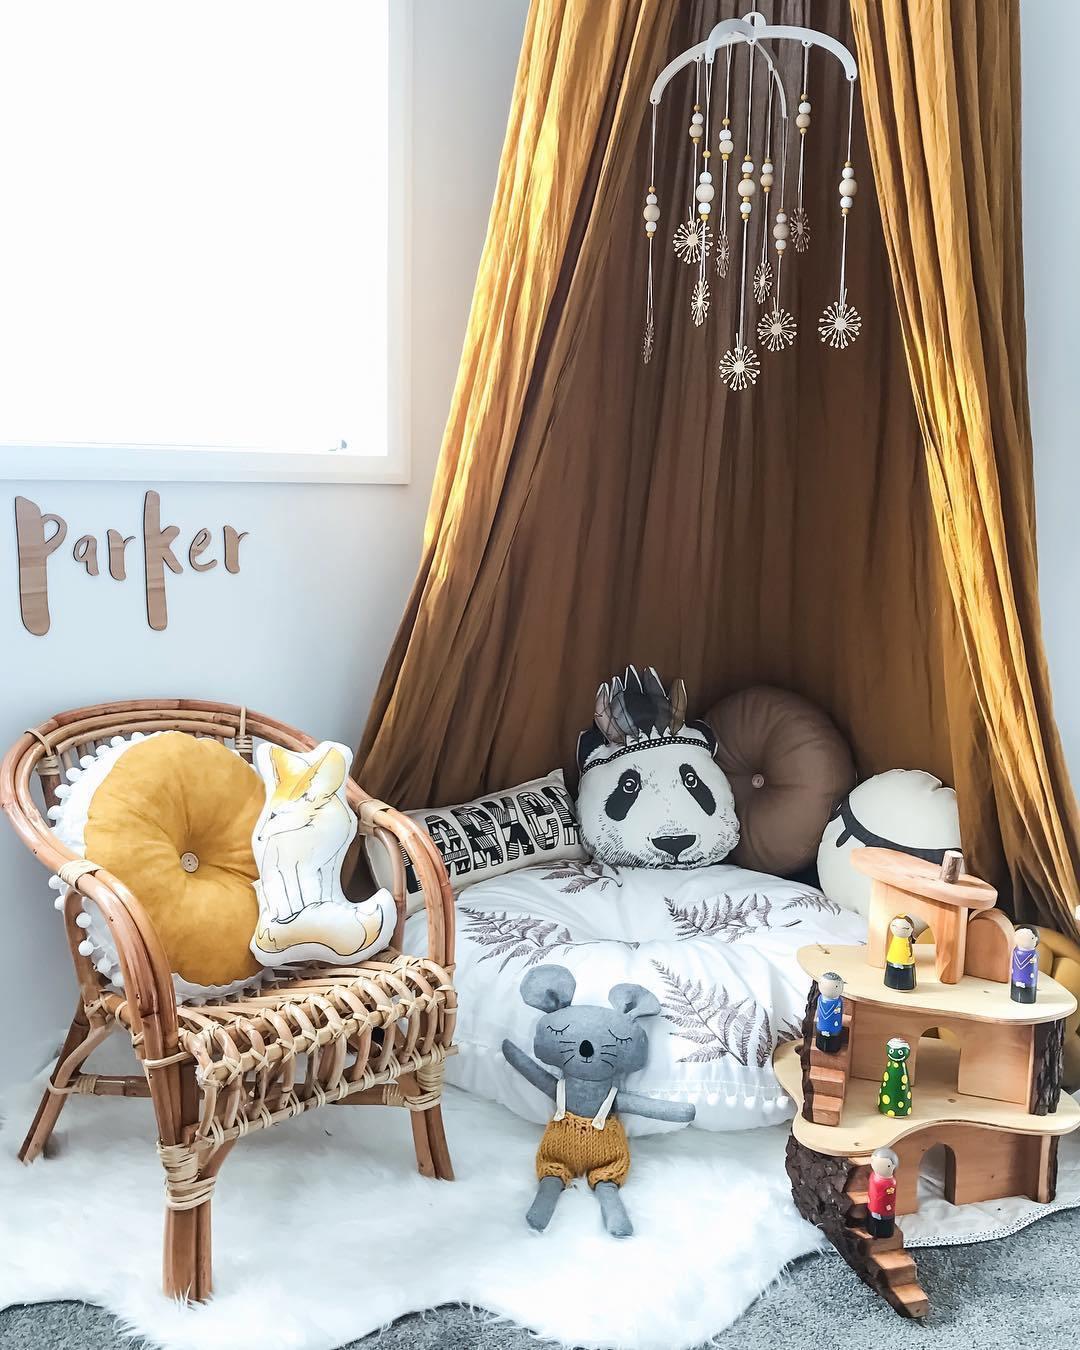 Ý tưởng trang trí phòng bé siêu dễ thương với chất liệu thân thiện môi trường - Ảnh 4.